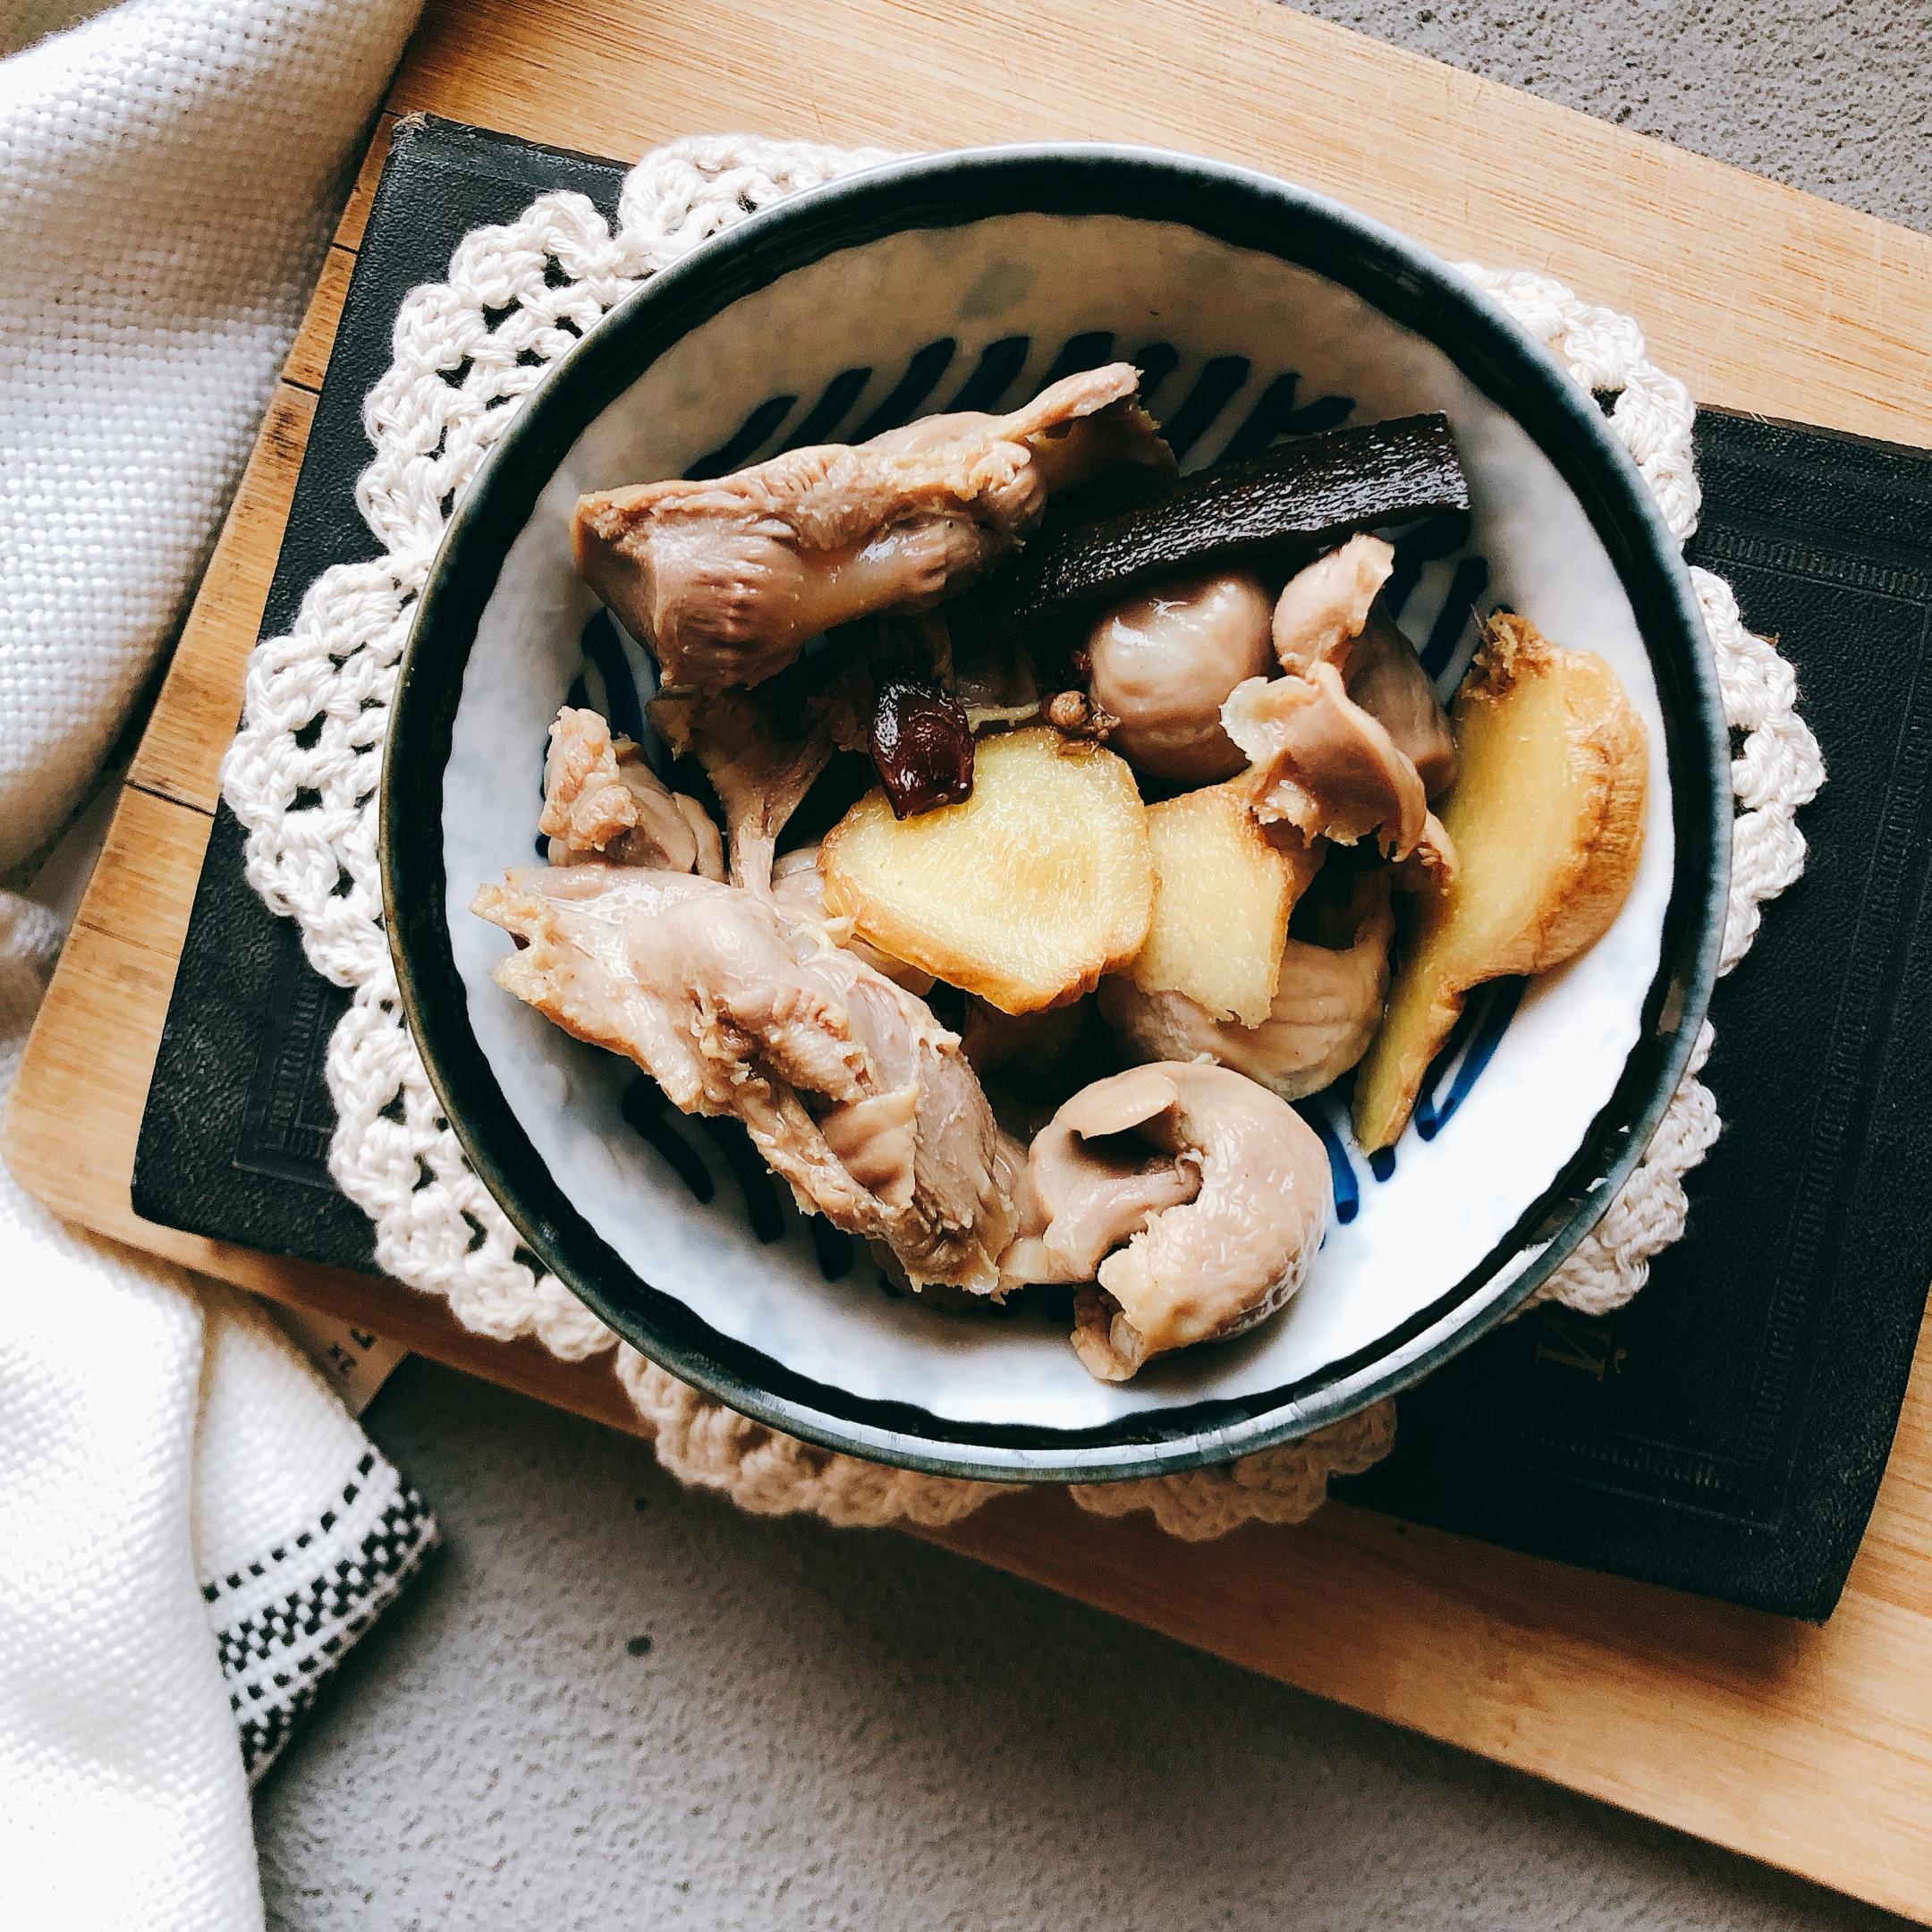 「鹽水雞胗」最簡單的味道就是最深刻的美味